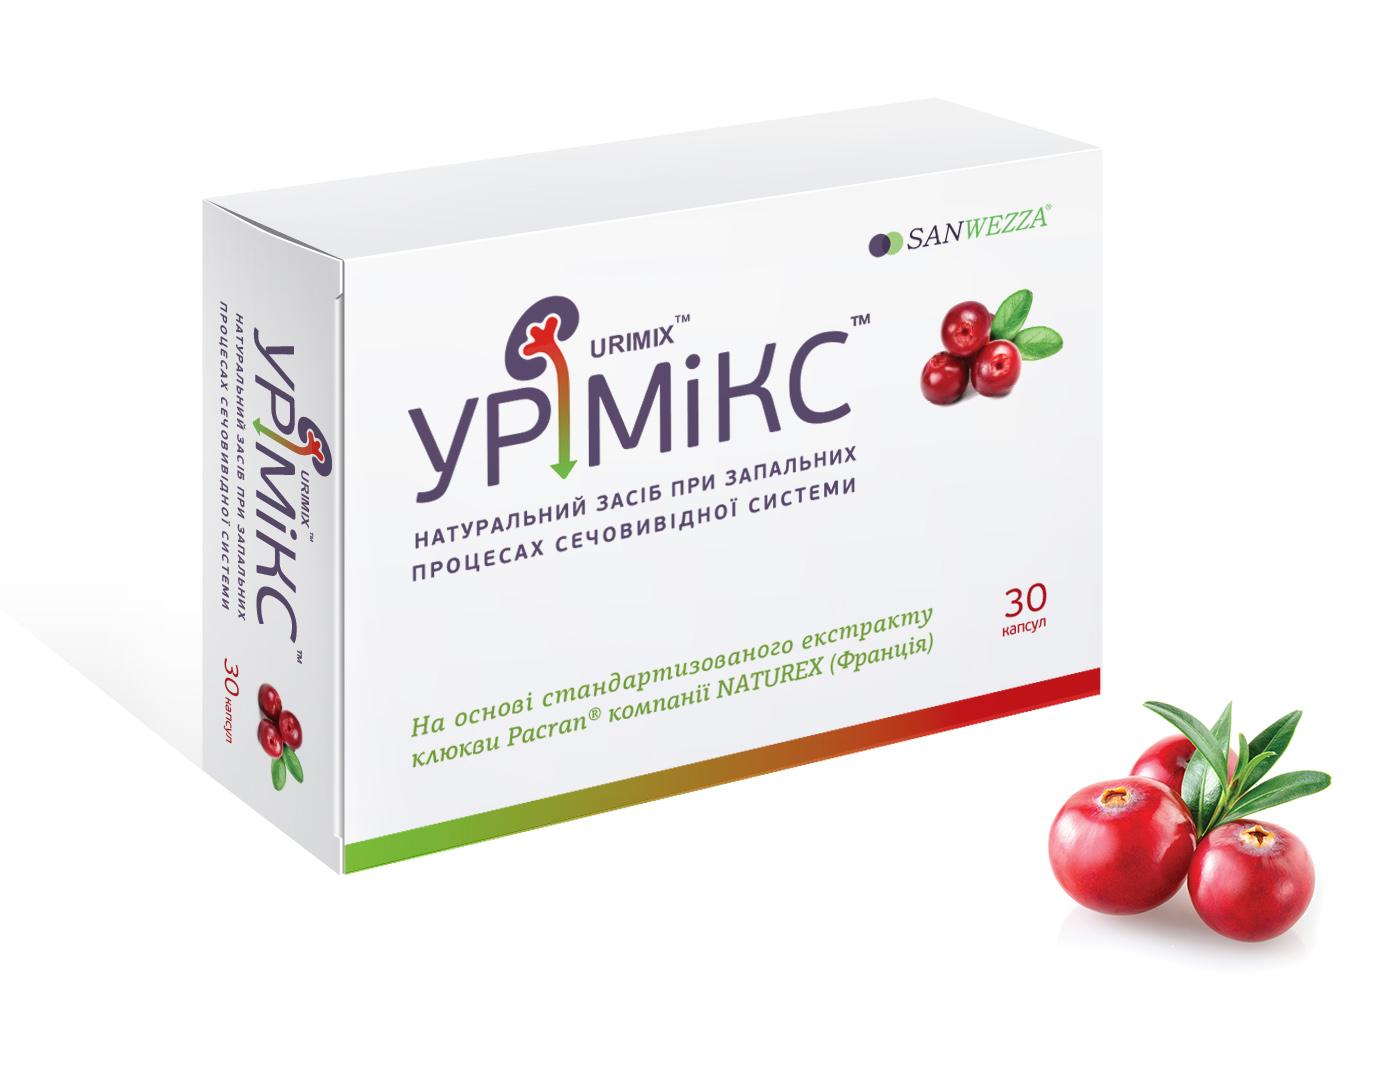 дизайн упаковки для препарата по лечению урологических заболеваний